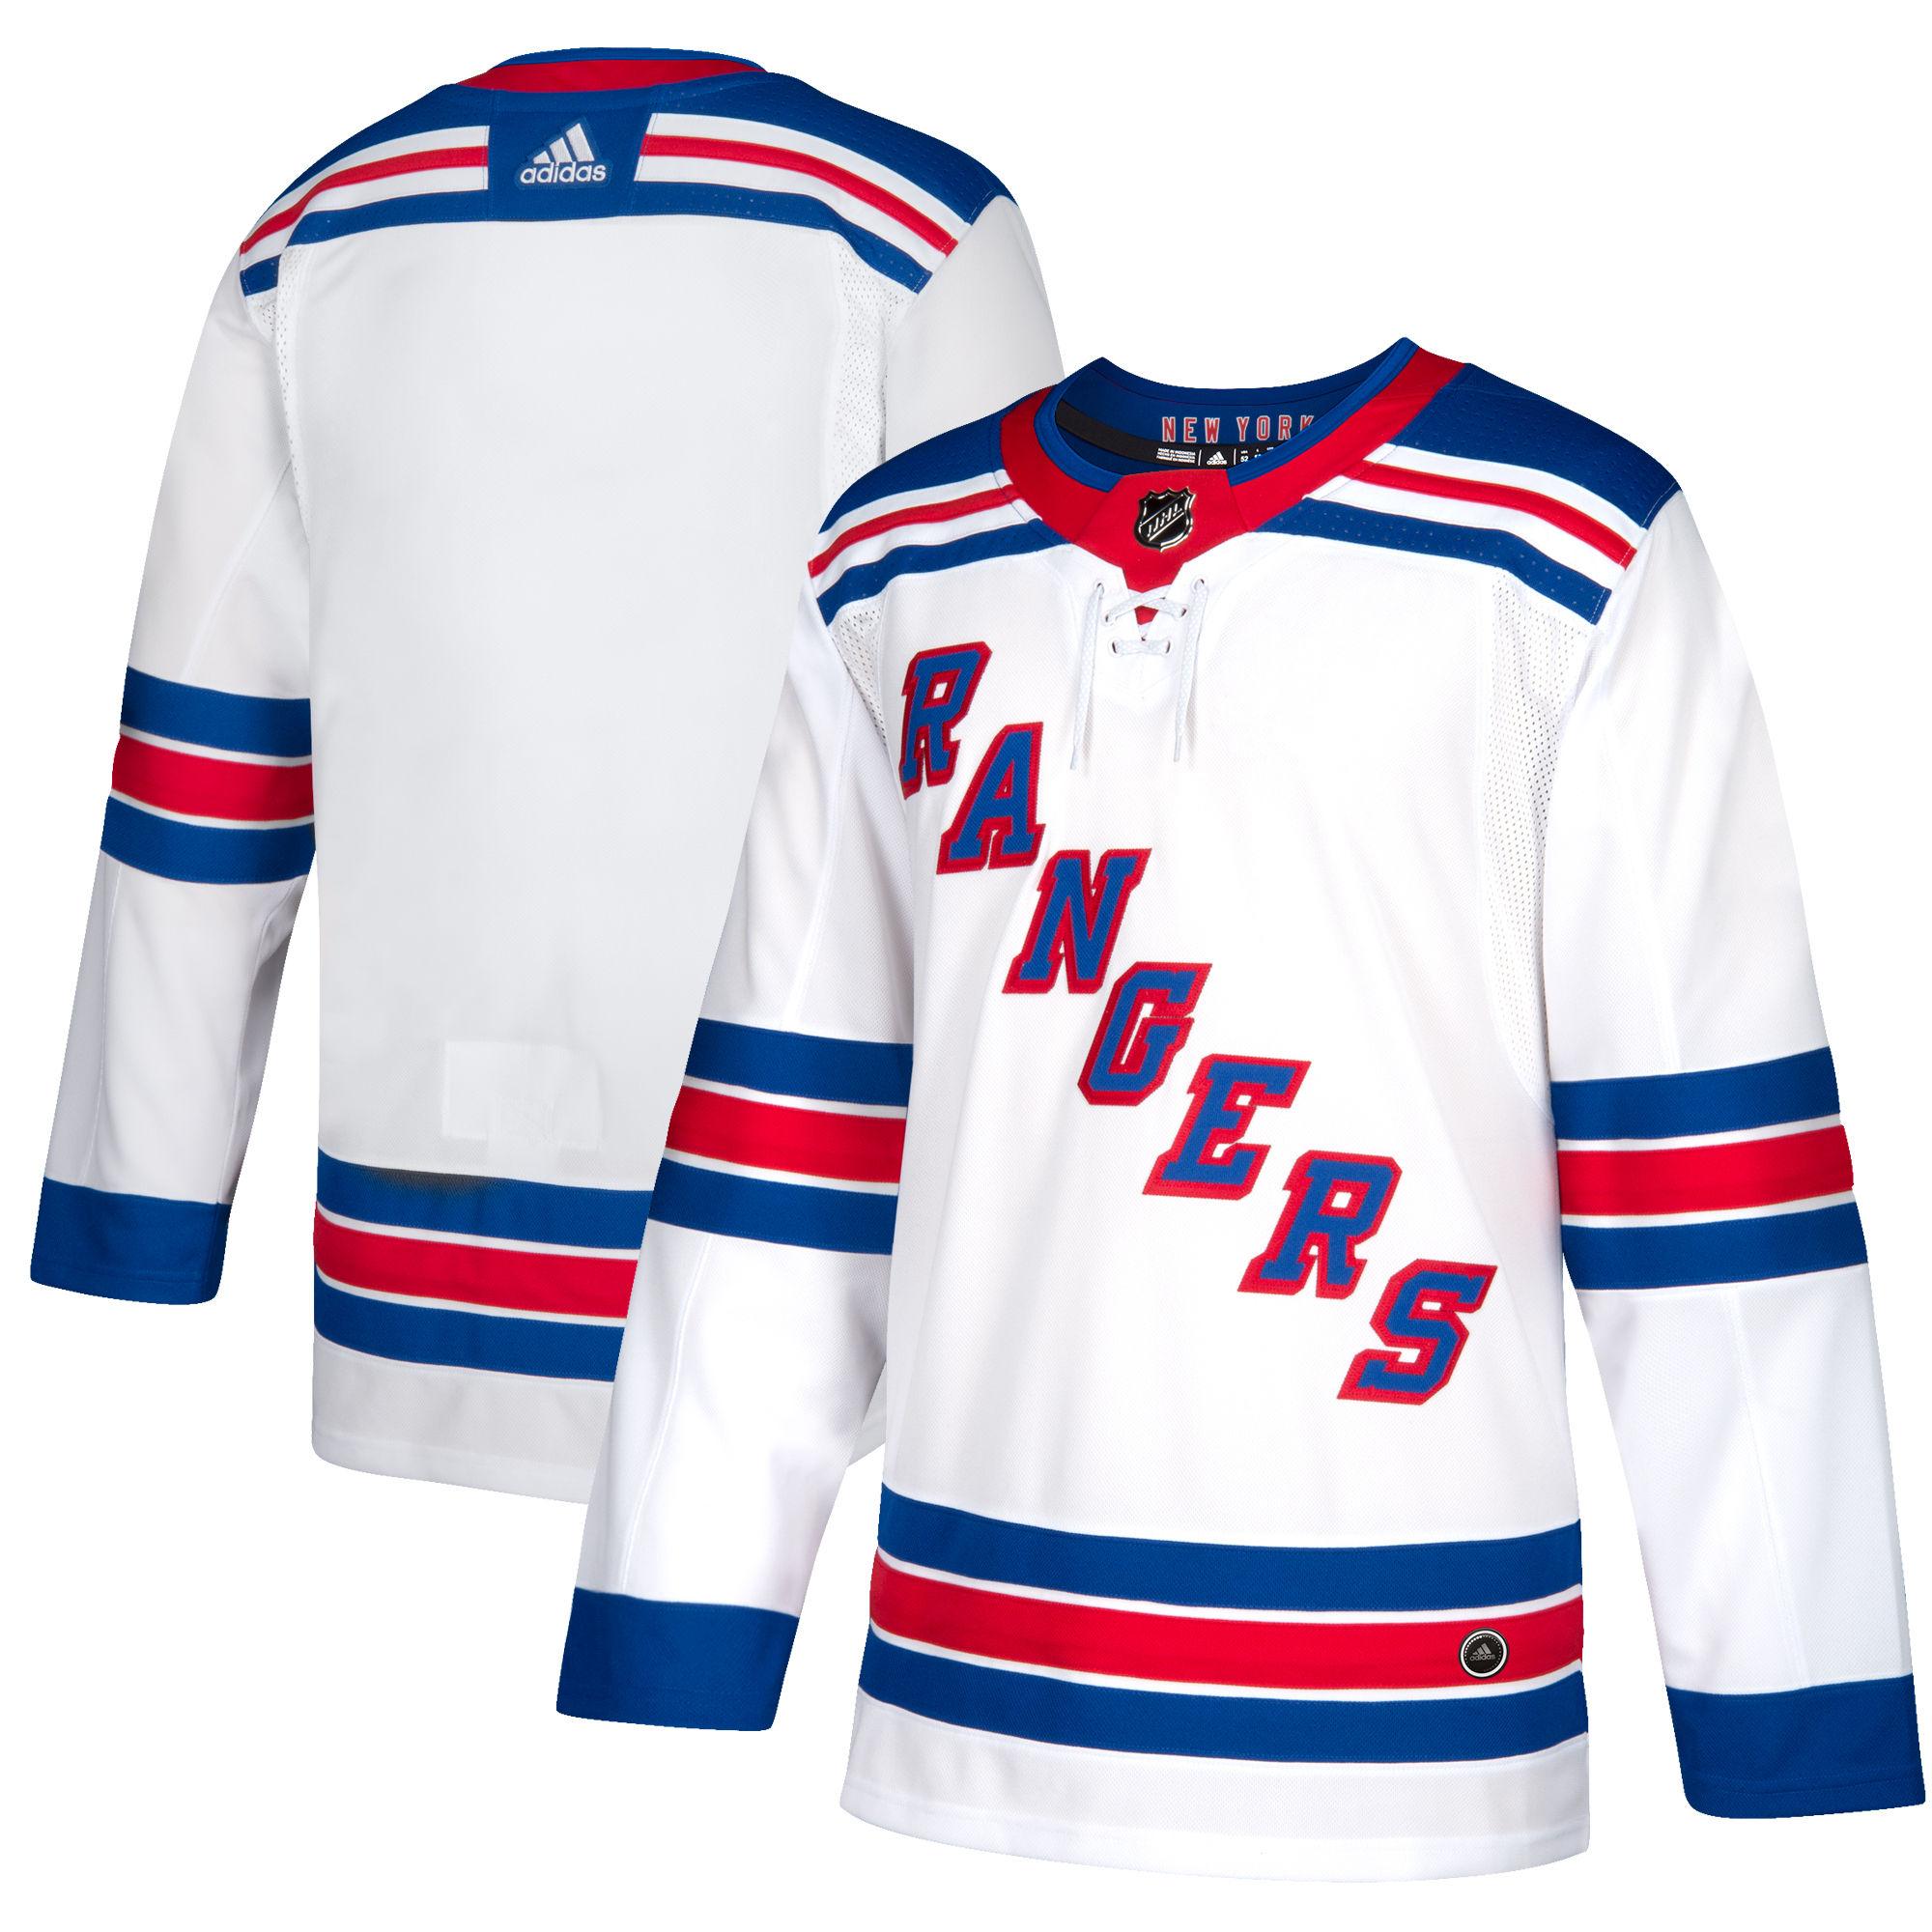 Adidas Dres New York Rangers adizero Away Authentic Pro Velikost: 52 (L)